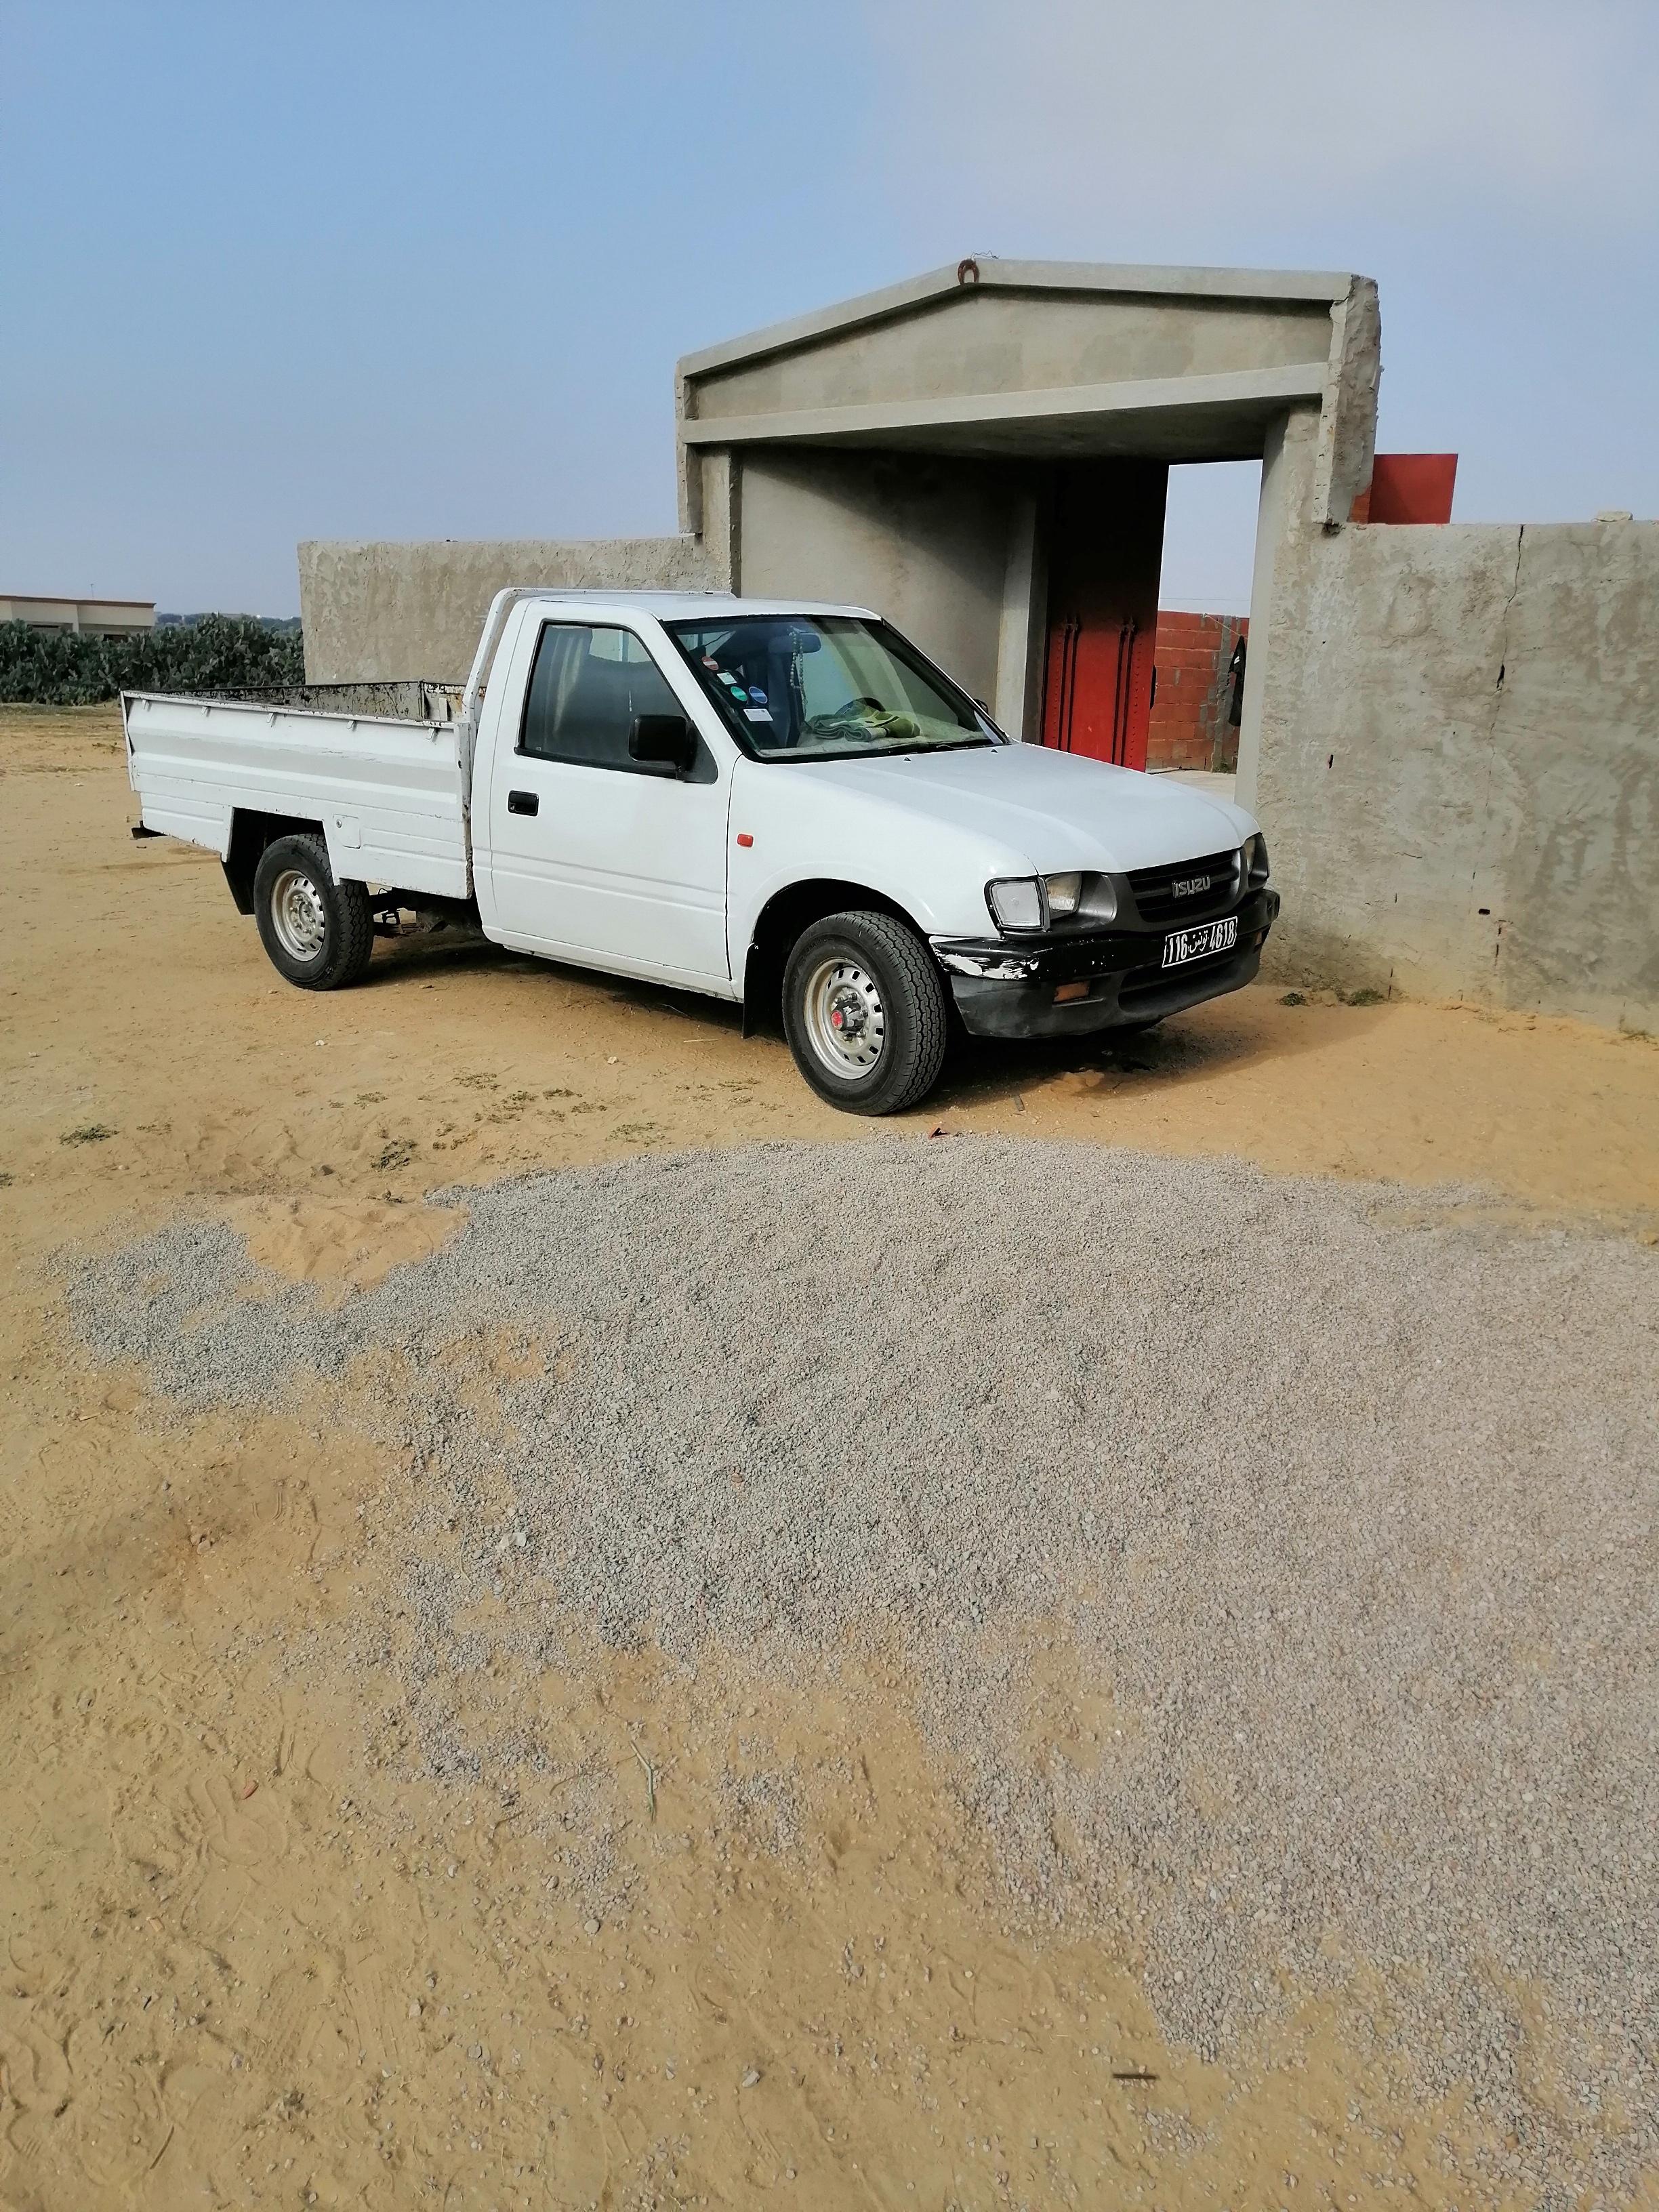 vente voiture occasion tunisie isuzu isuzu